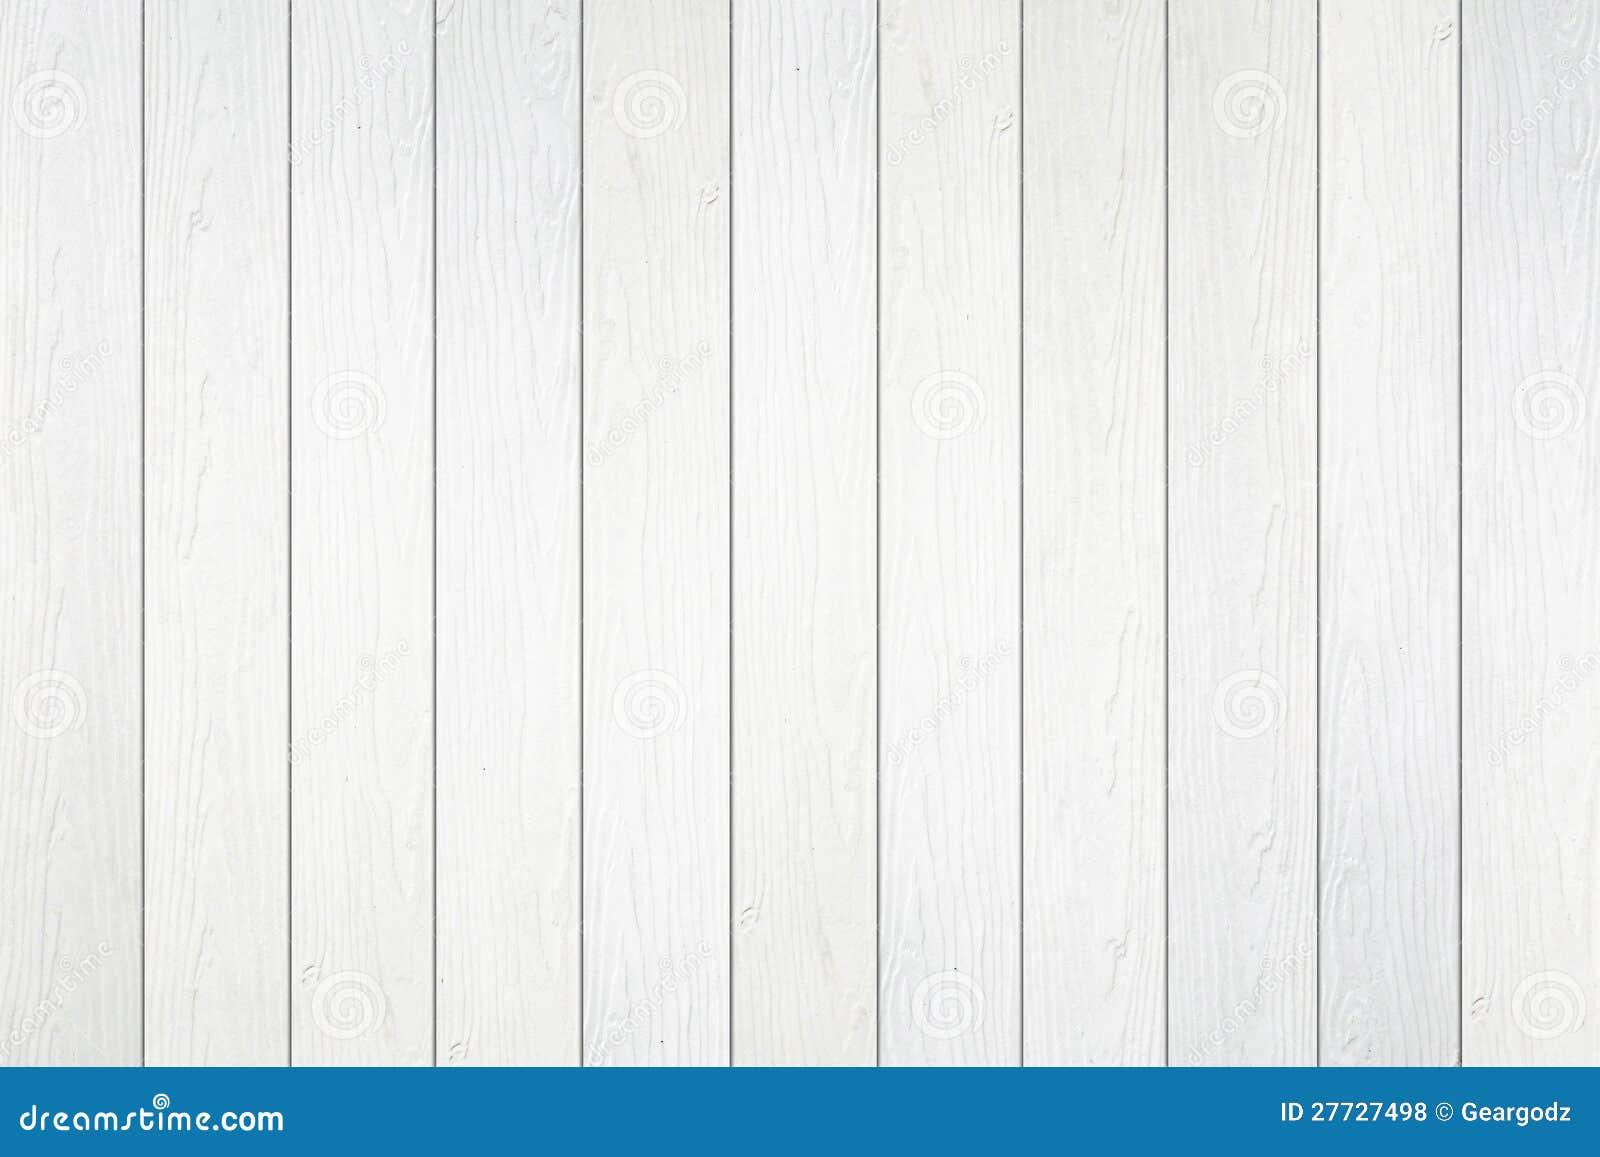 X 8 Lumber